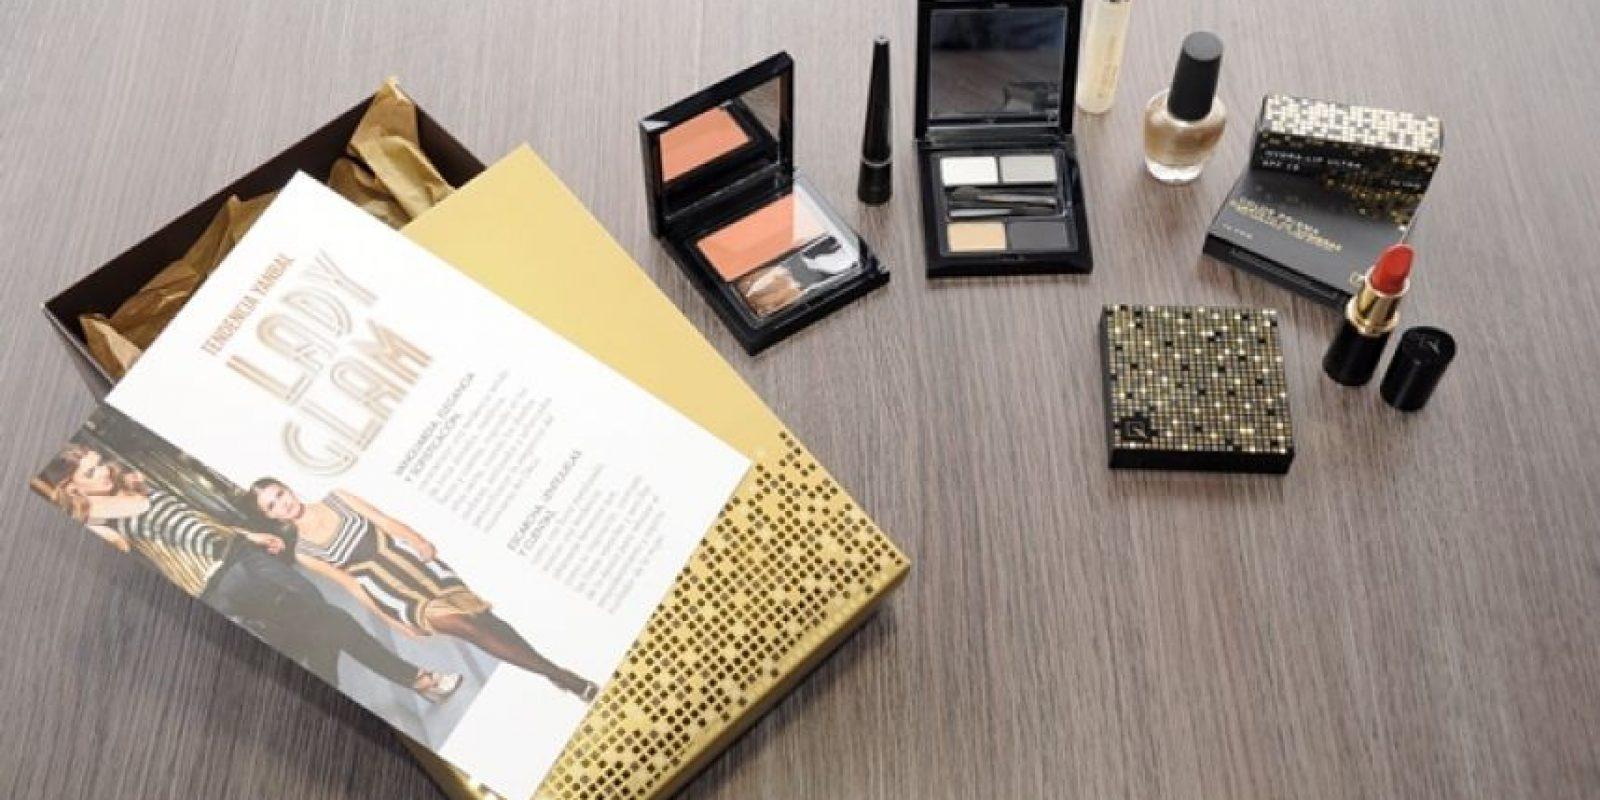 Estos son los productos de la línea Lady Glam de Yanbal, hechos para una mujer elegante y que quiere impactar tanto de día como de noche, pero de modo sofisticado. Inspirados en los años 20 y en la temporada venidera de otoño invierno, los colores metálicos serán el plato fuerte en lo que a maquillaje se refiere. Foto: Carlos H. Llamas /PUBLIMETRO